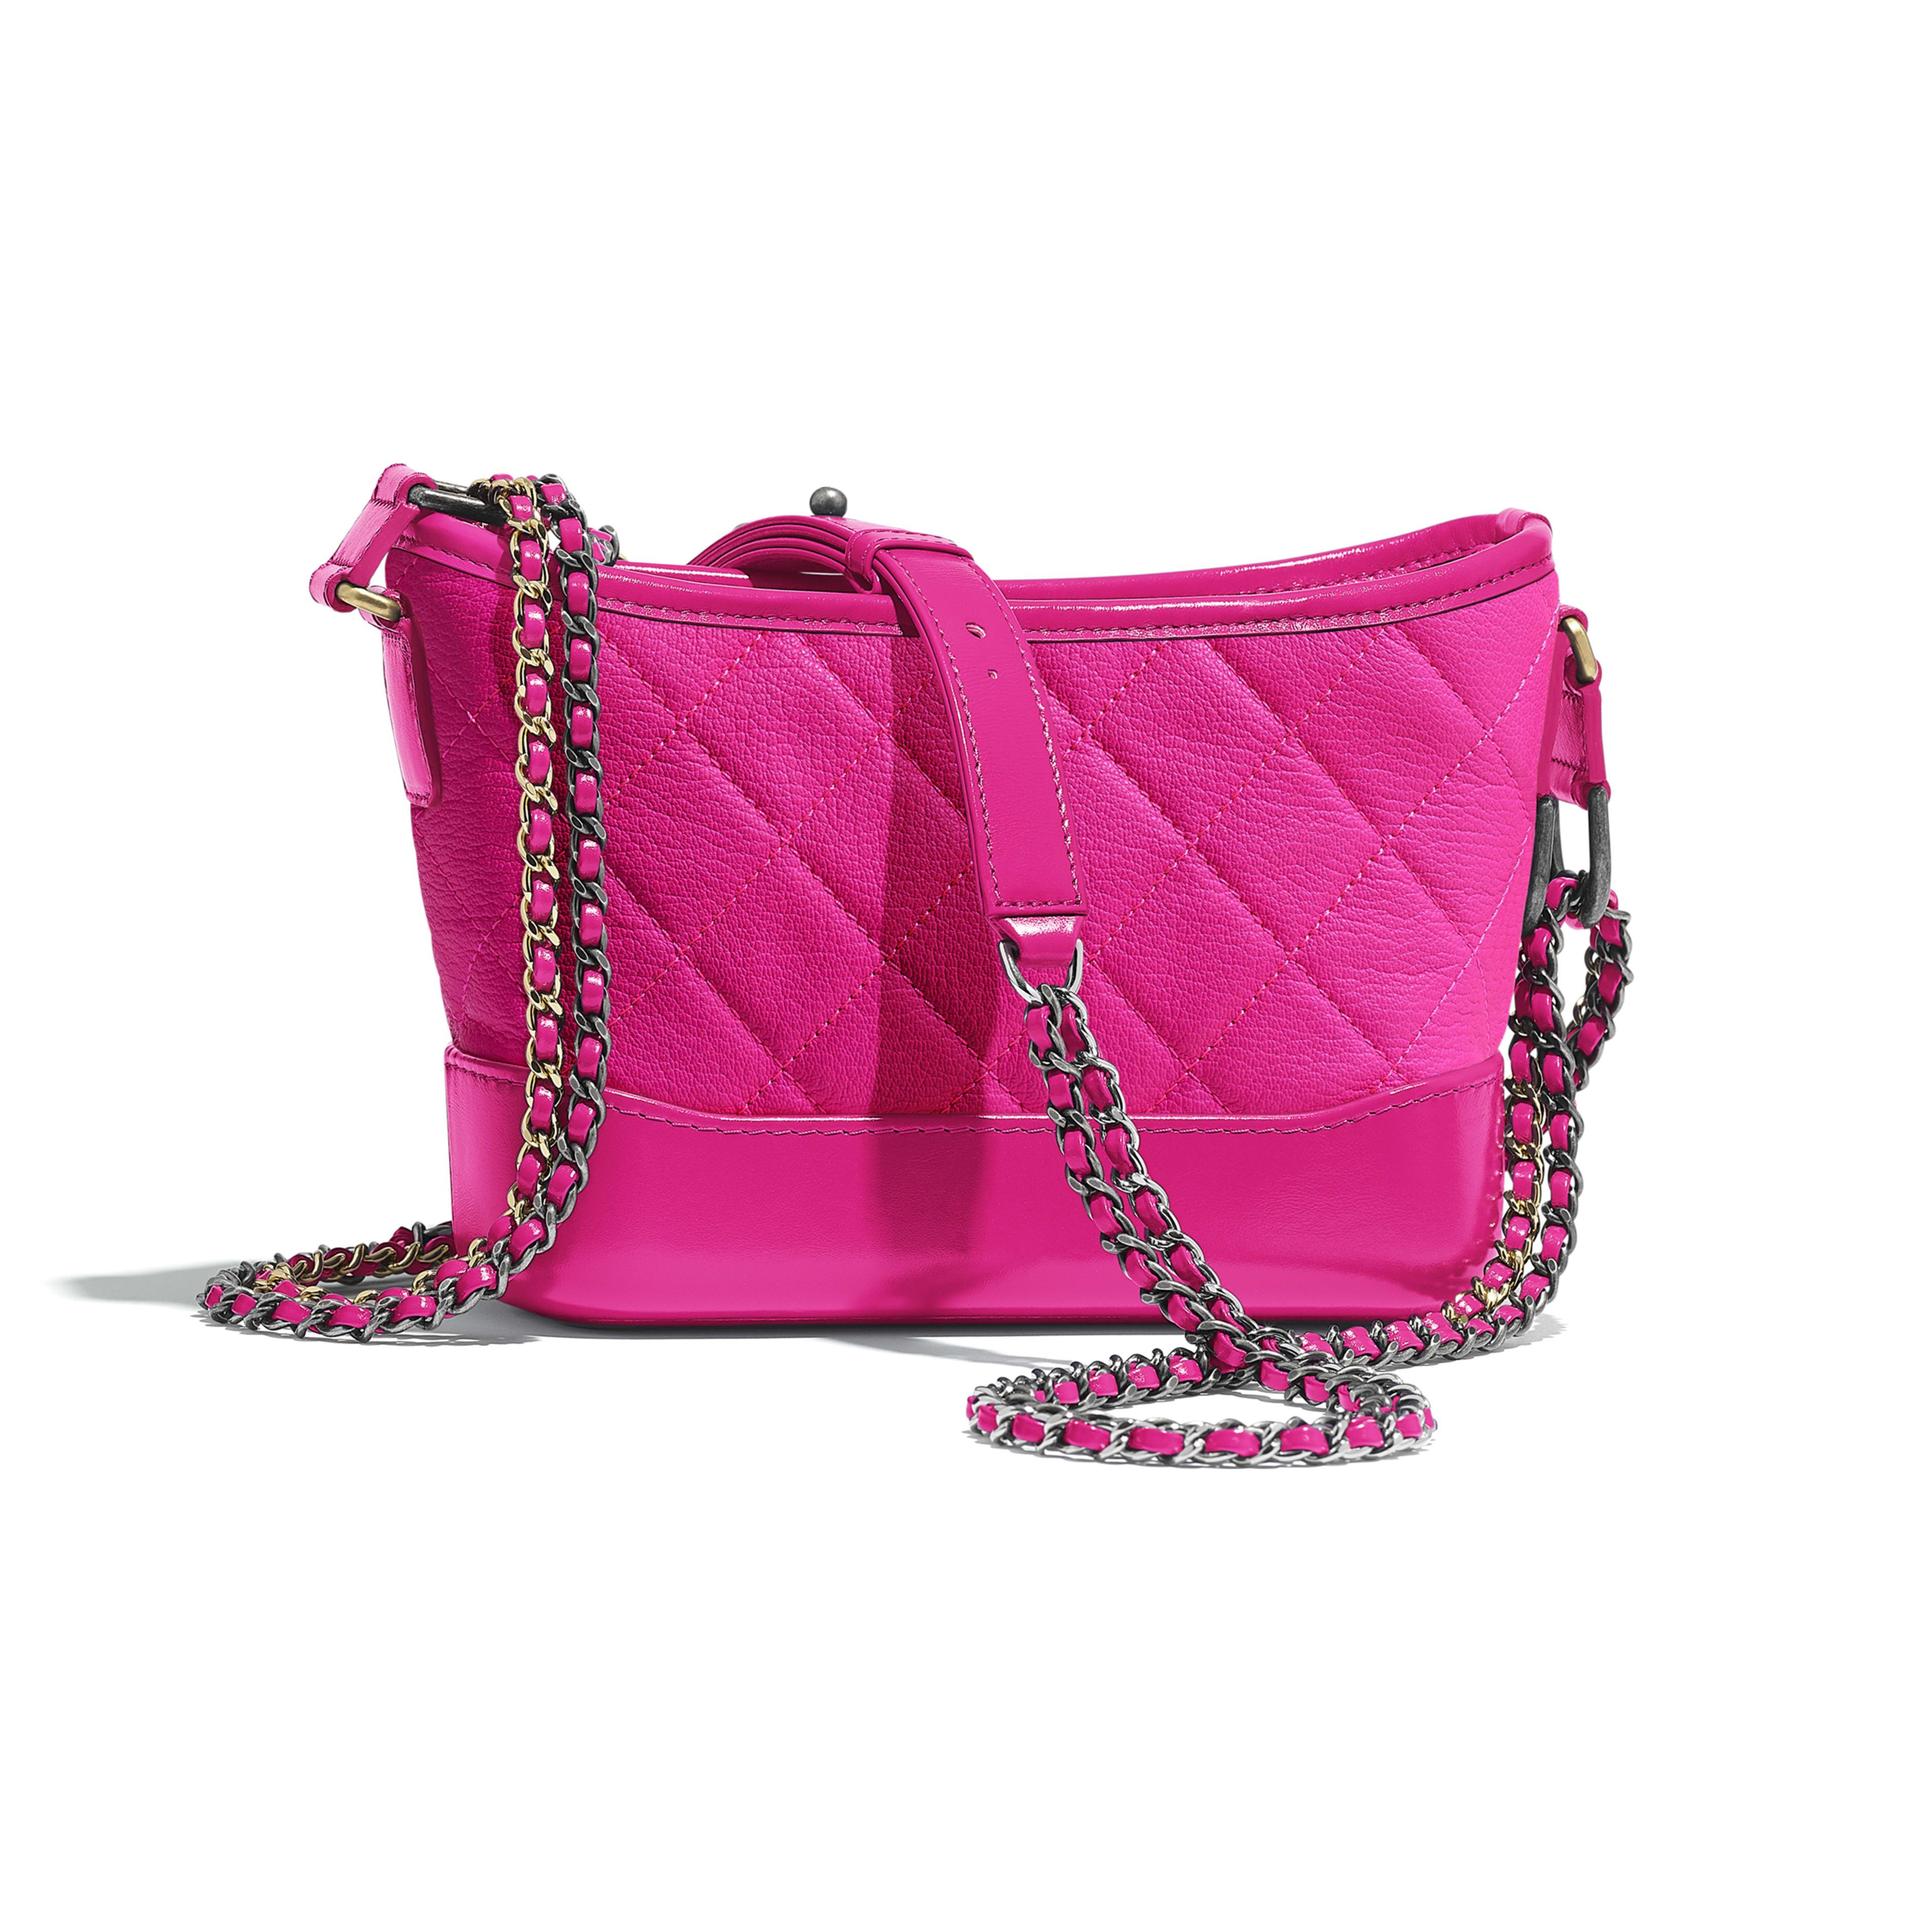 กระเป๋าโฮโบ CHANEL's GABRIELLE ใบเล็ก - สีชมพู - หนังแพะ โลหะสีทองและโลหะสีเงิน - มุมมองทางอื่น - ดูเวอร์ชันขนาดเต็ม